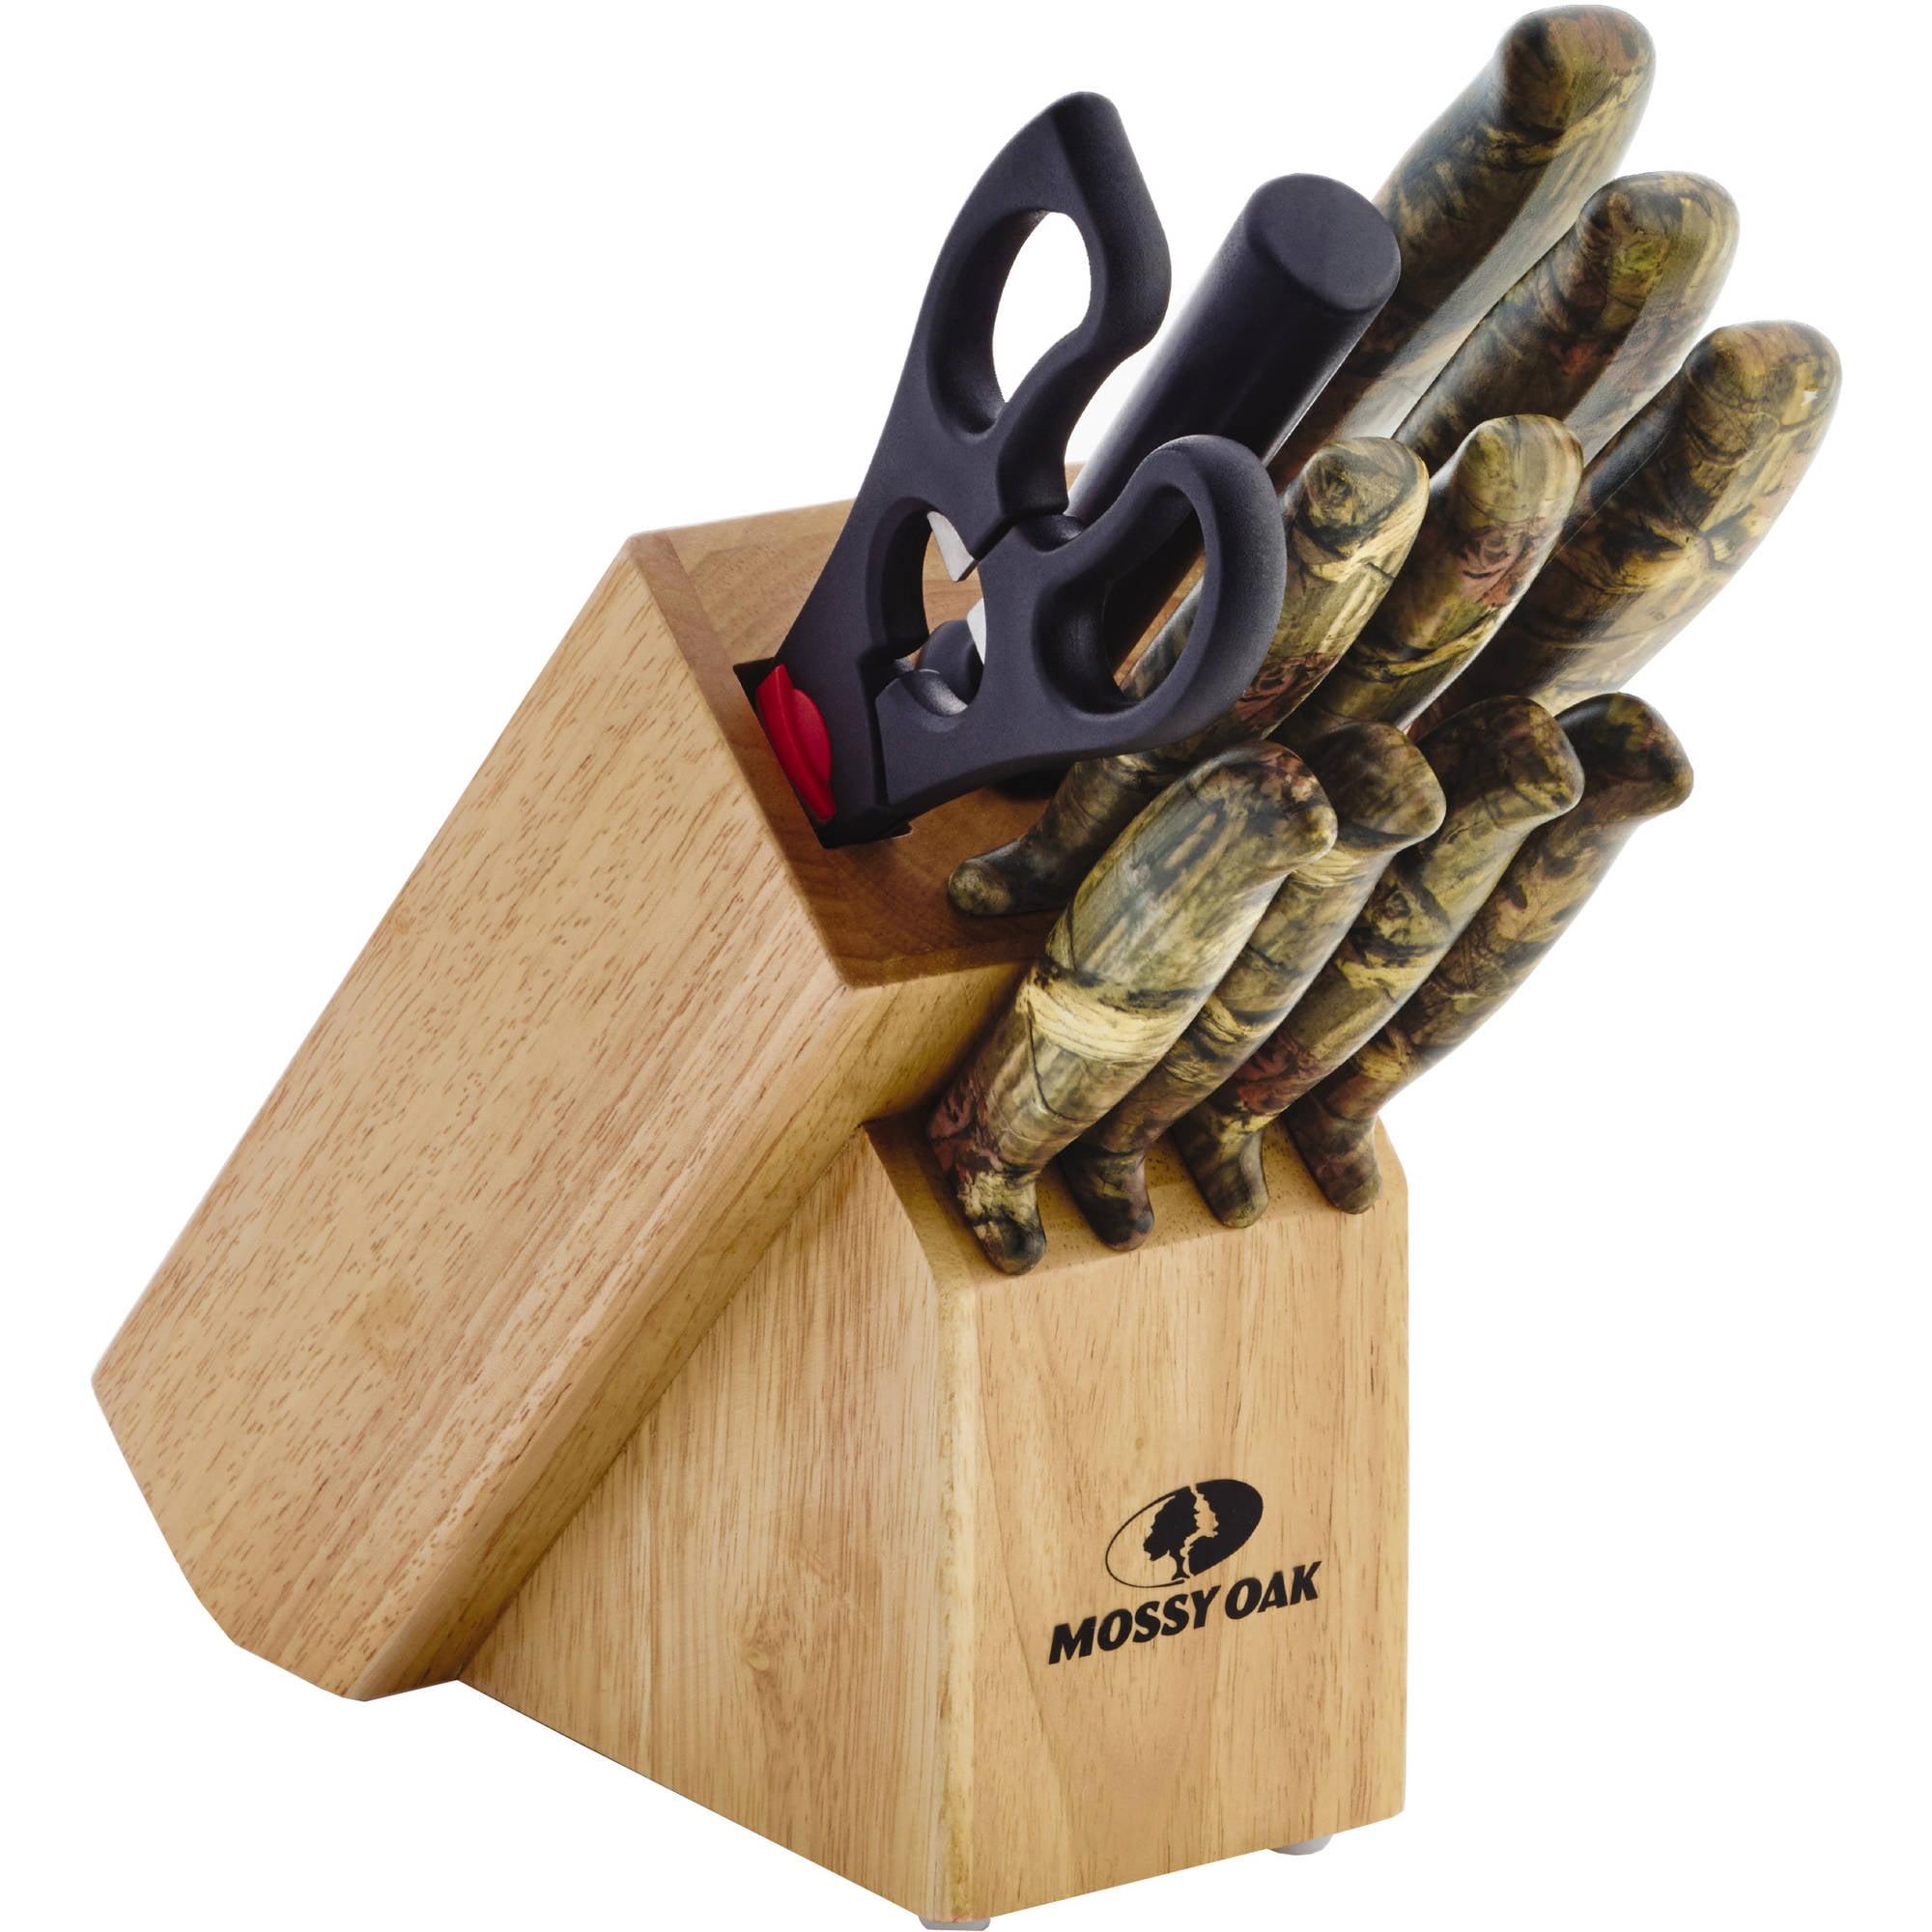 Mossy Oak 12-Piece Pattern Handle Cutlery Set - Walmart.com